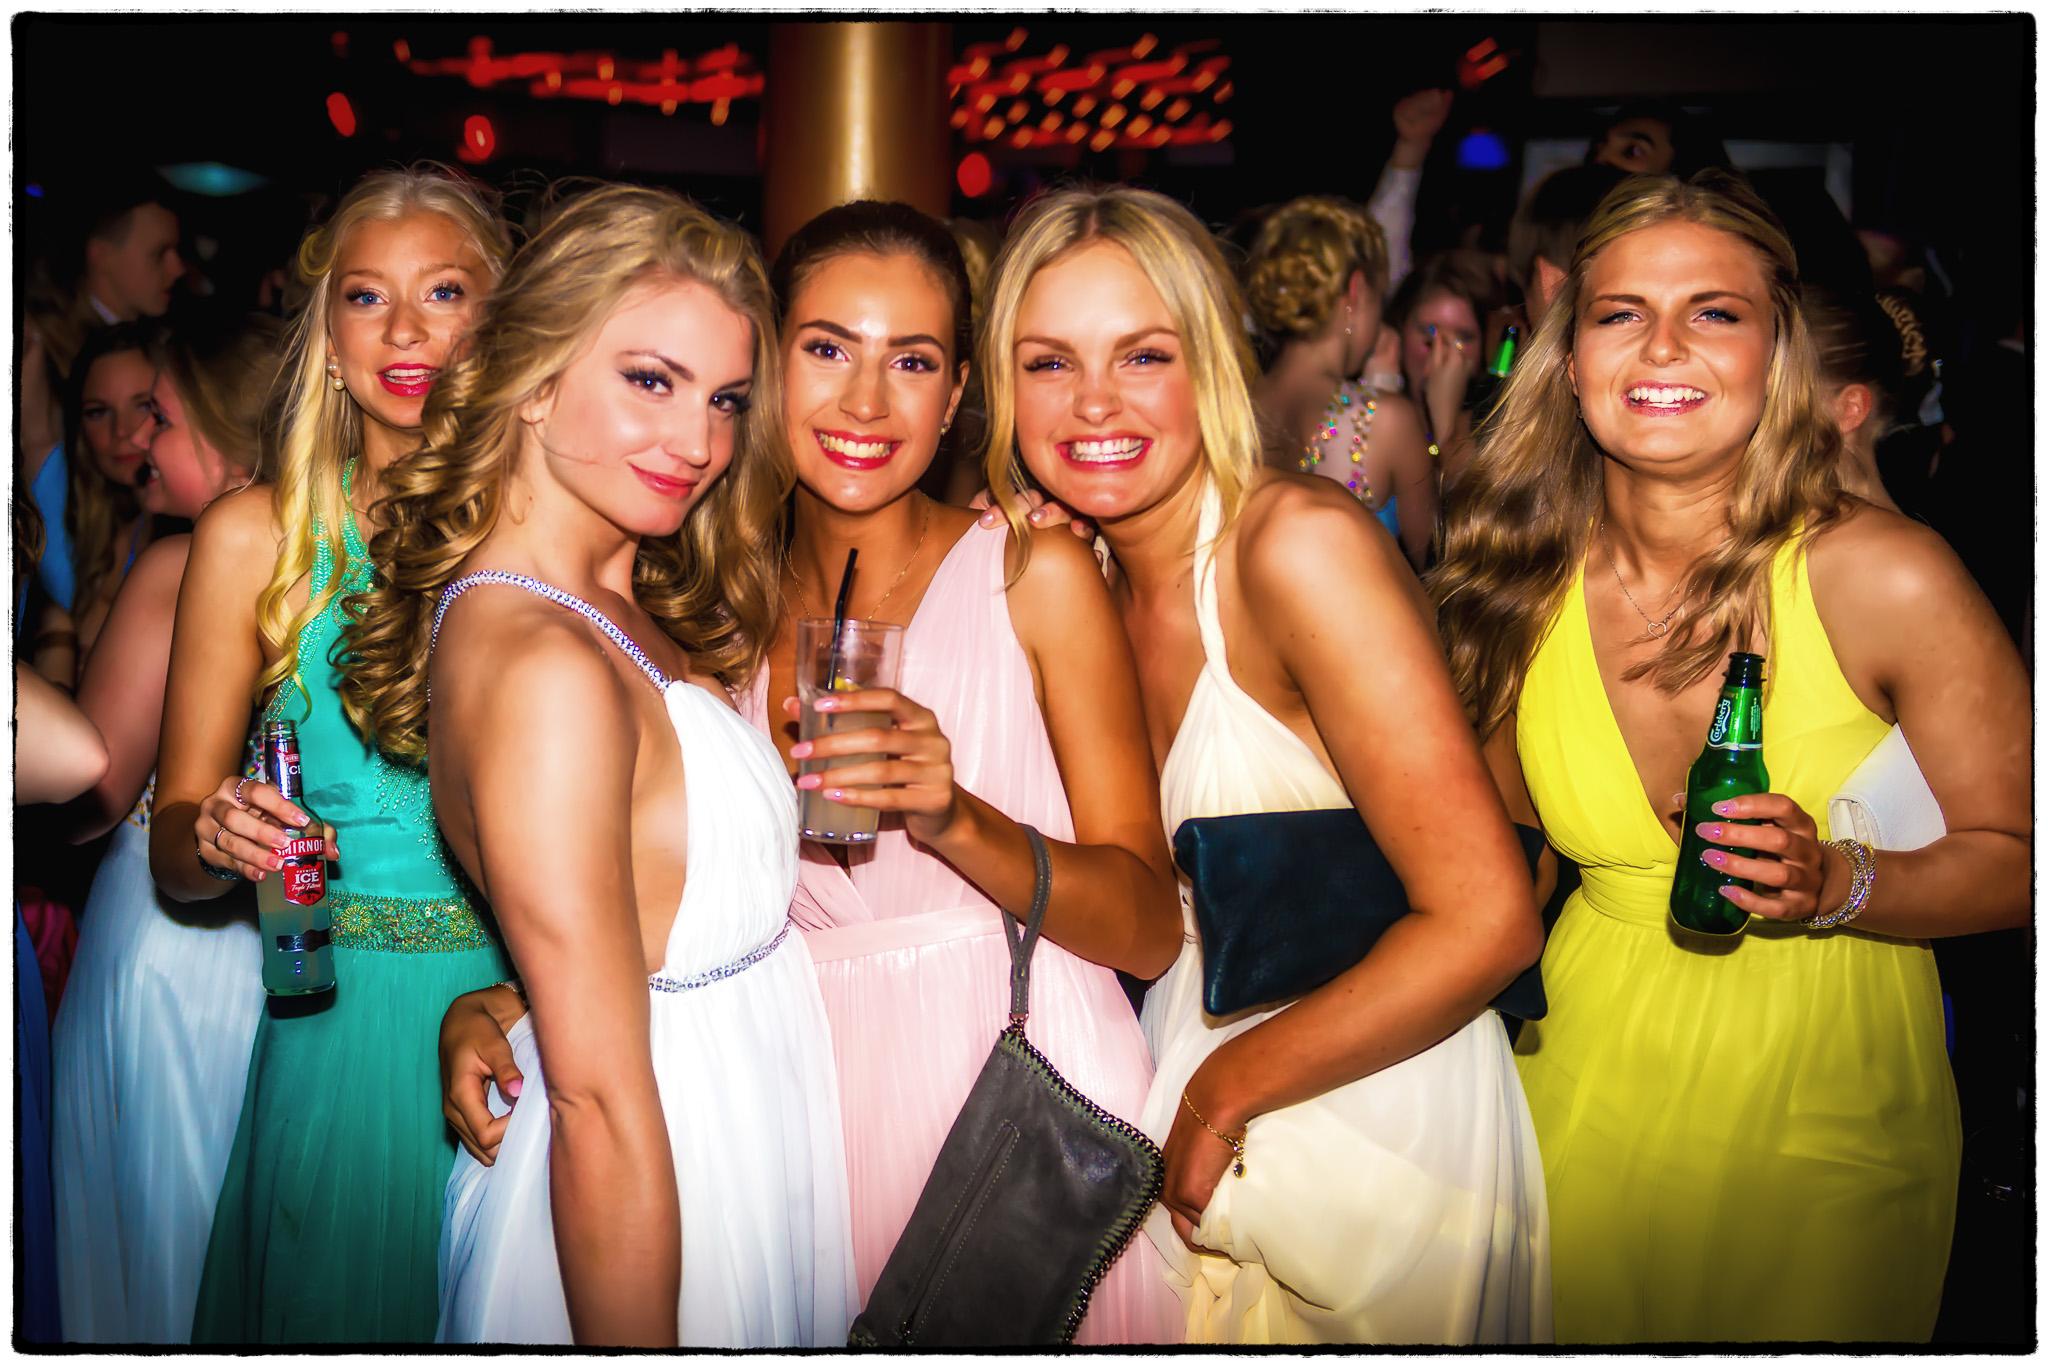 Eventfoto: Nattklubb